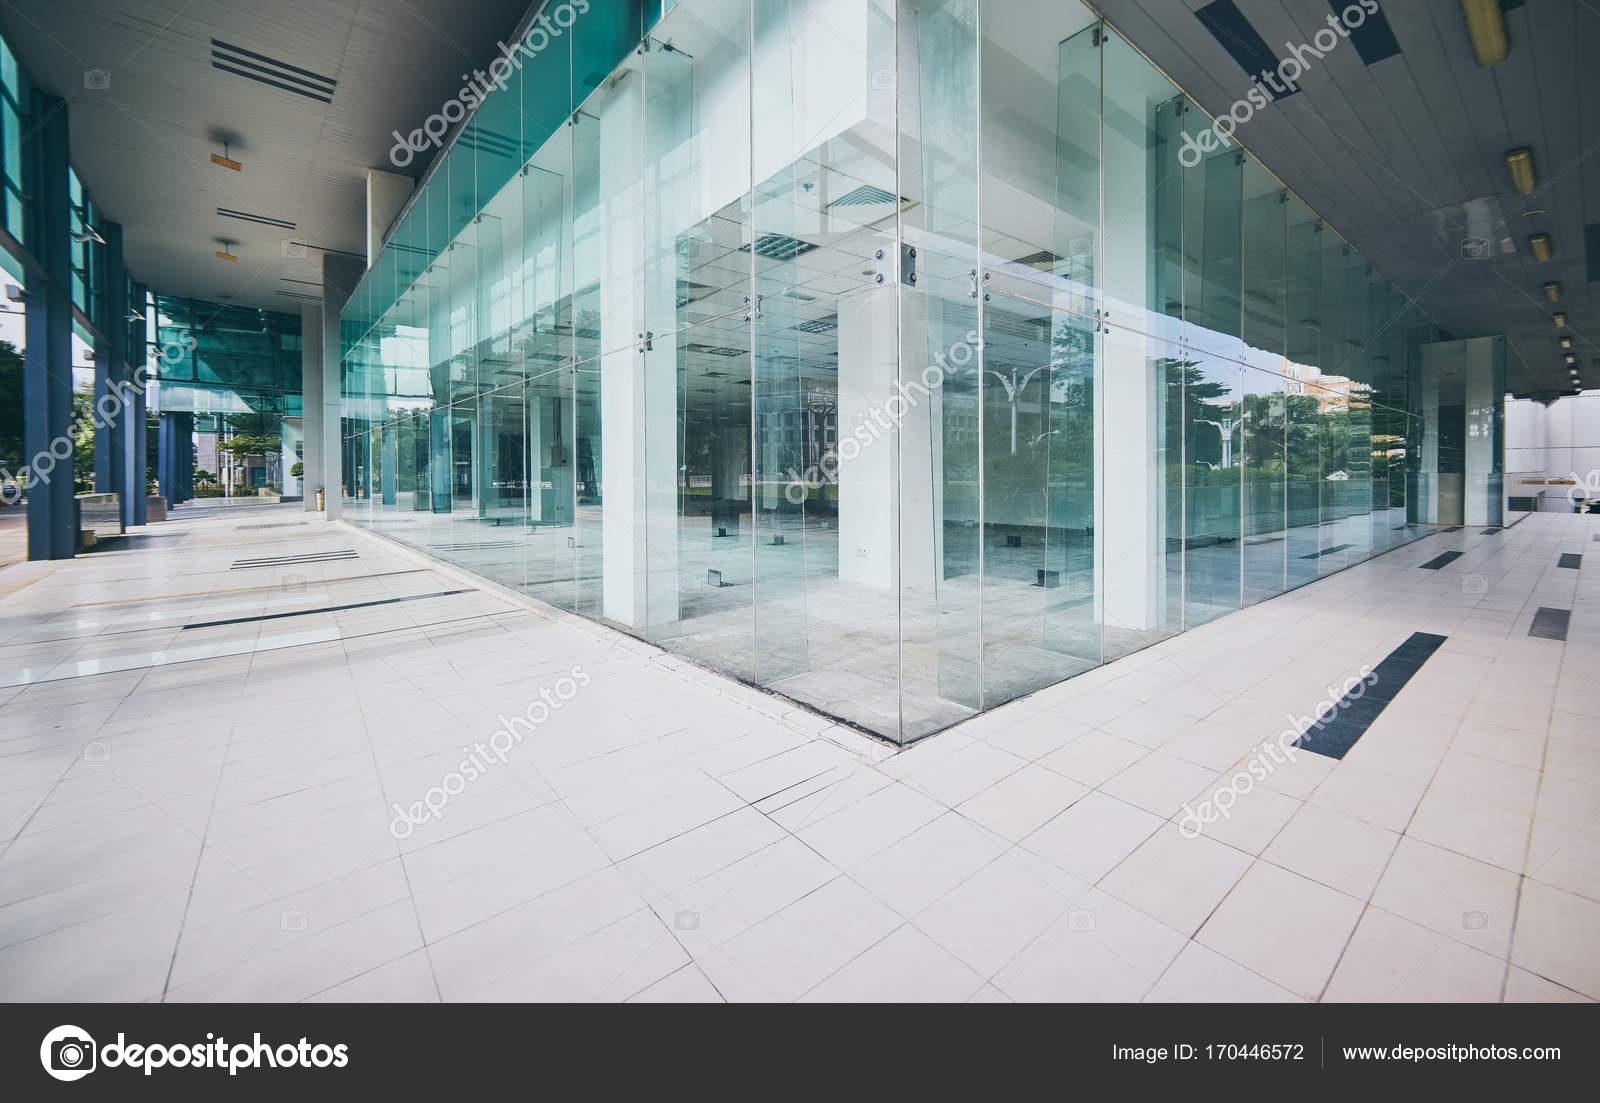 Vector Pavimentos Modernos Edificios Oficinas Vacias Moderno Con - Pavimentos-modernos